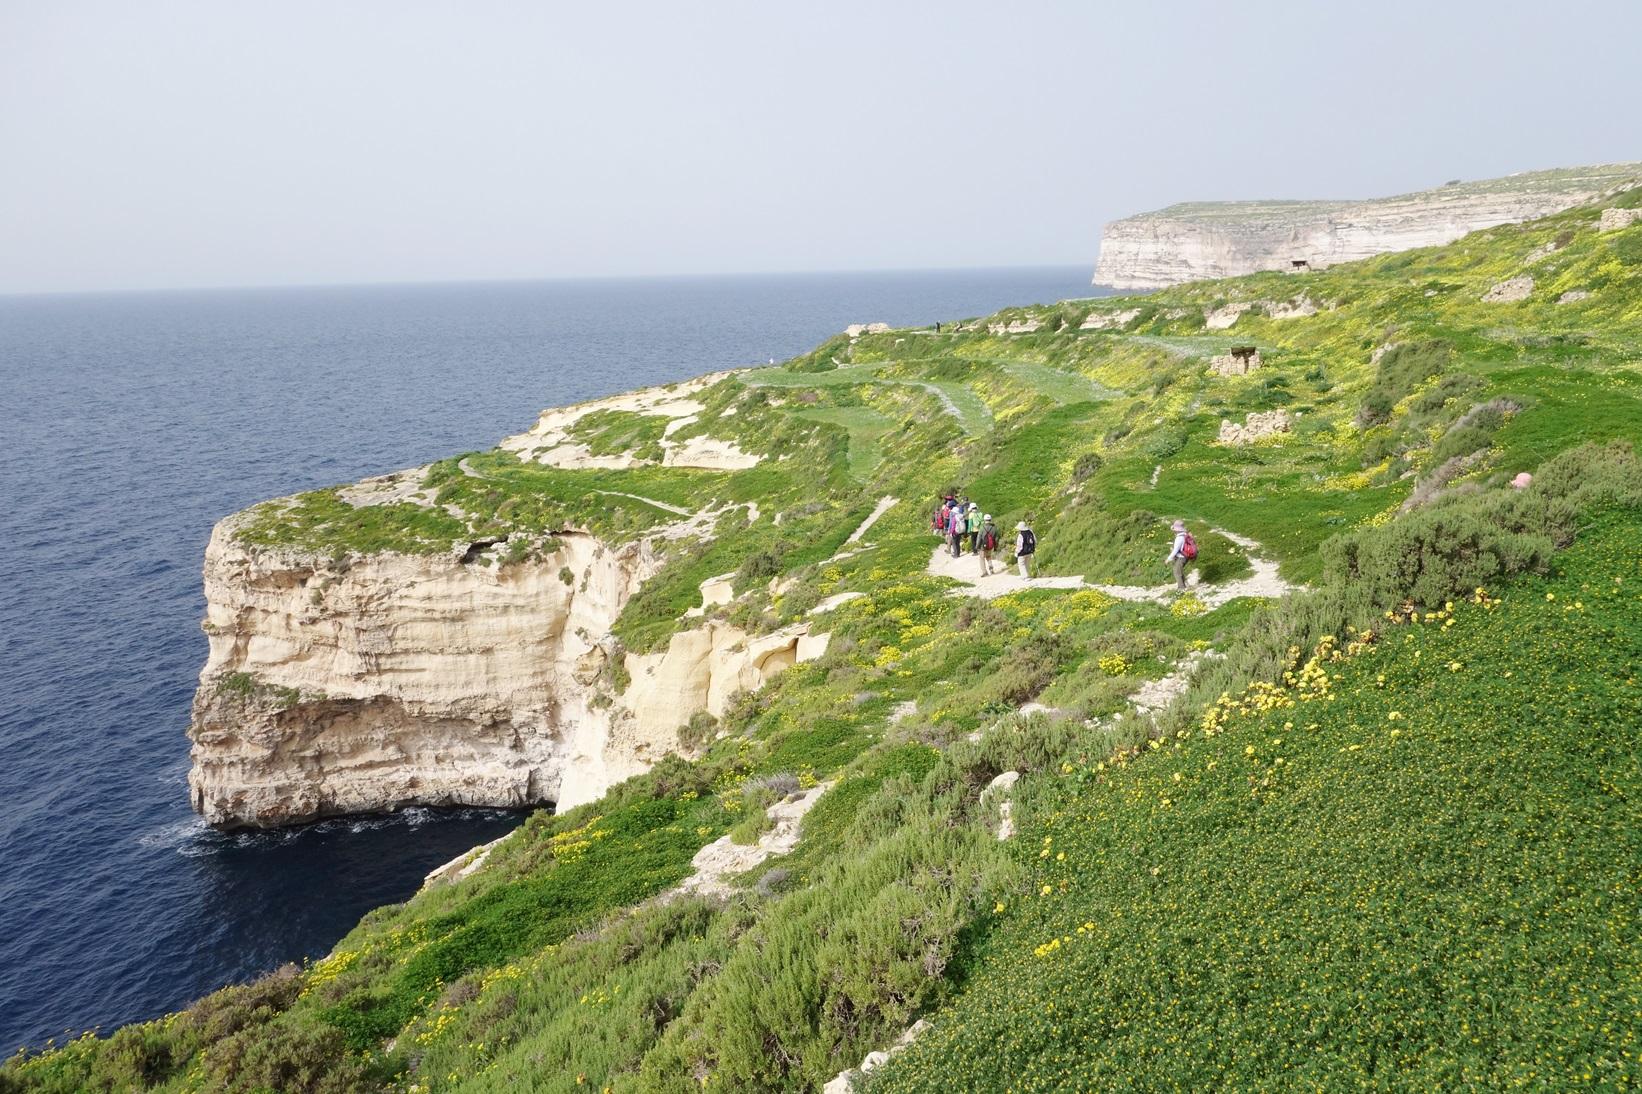 【大募集中】2月27日出発 春の花咲くマルタ諸島ハイキングと世界遺産ヴァレッタ 8日間